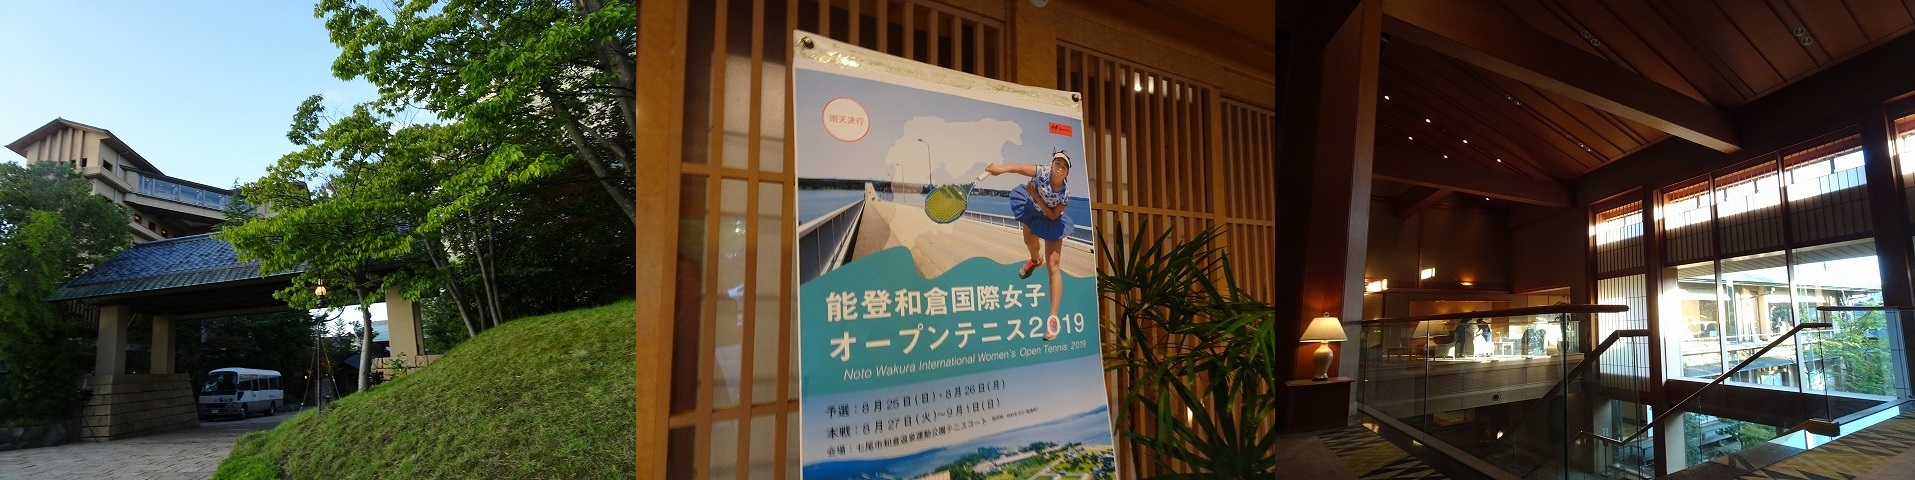 夏の光の中で能登和倉国際女子オープンテニス 2019・ウェルカムパーティ_b0115629_20553647.jpg